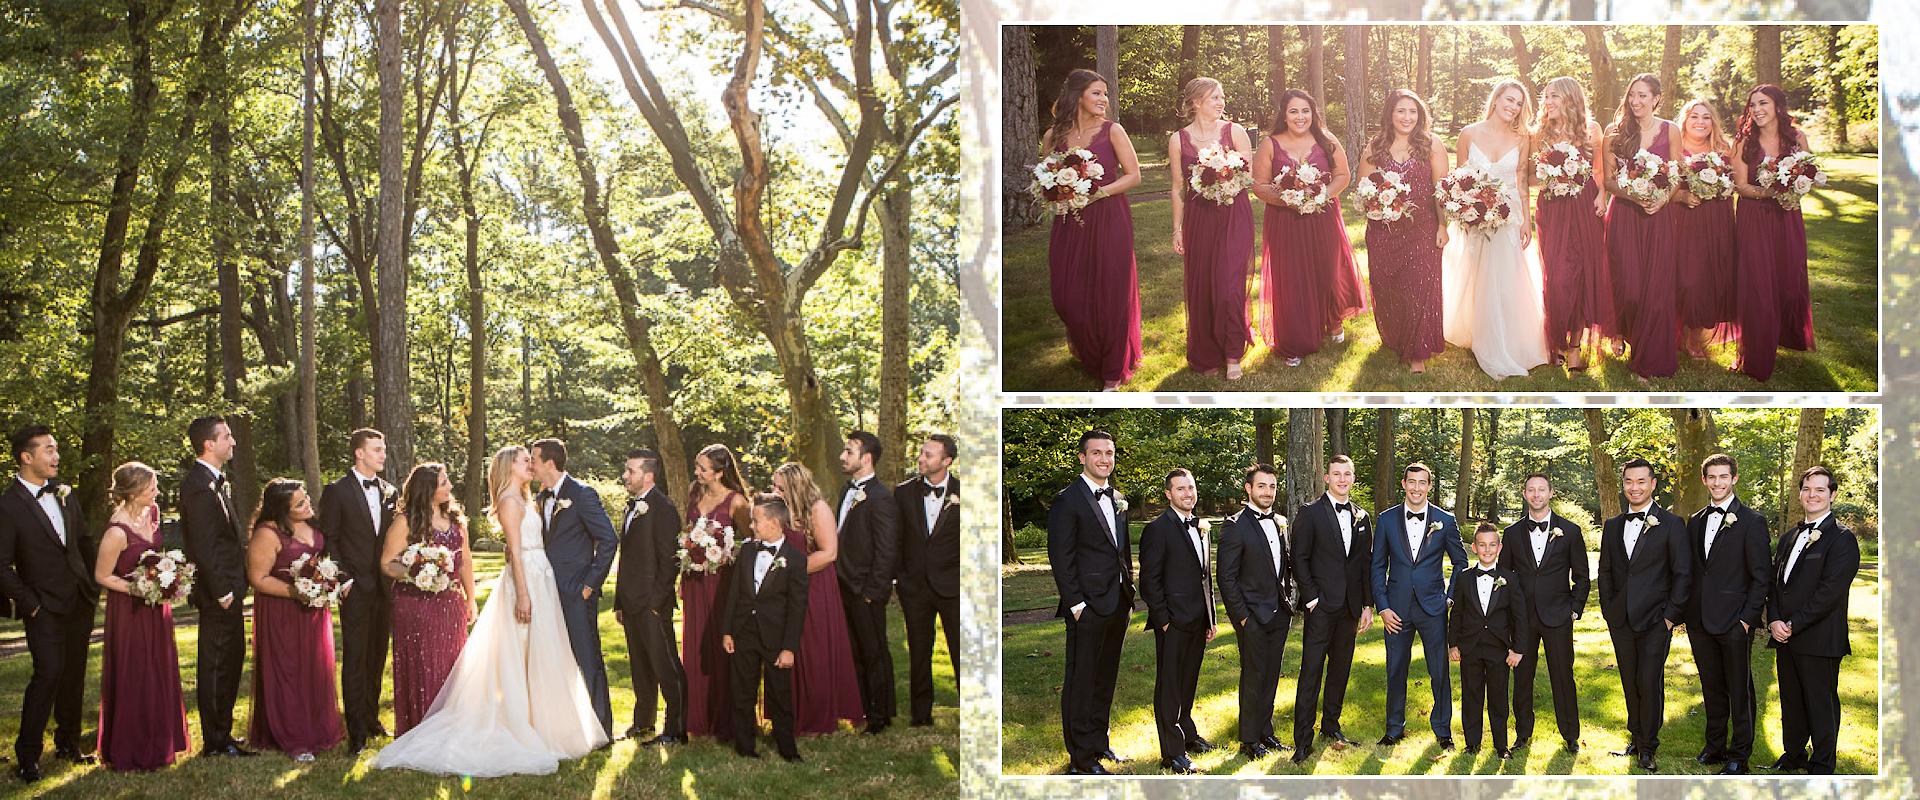 Professional Wedding Album